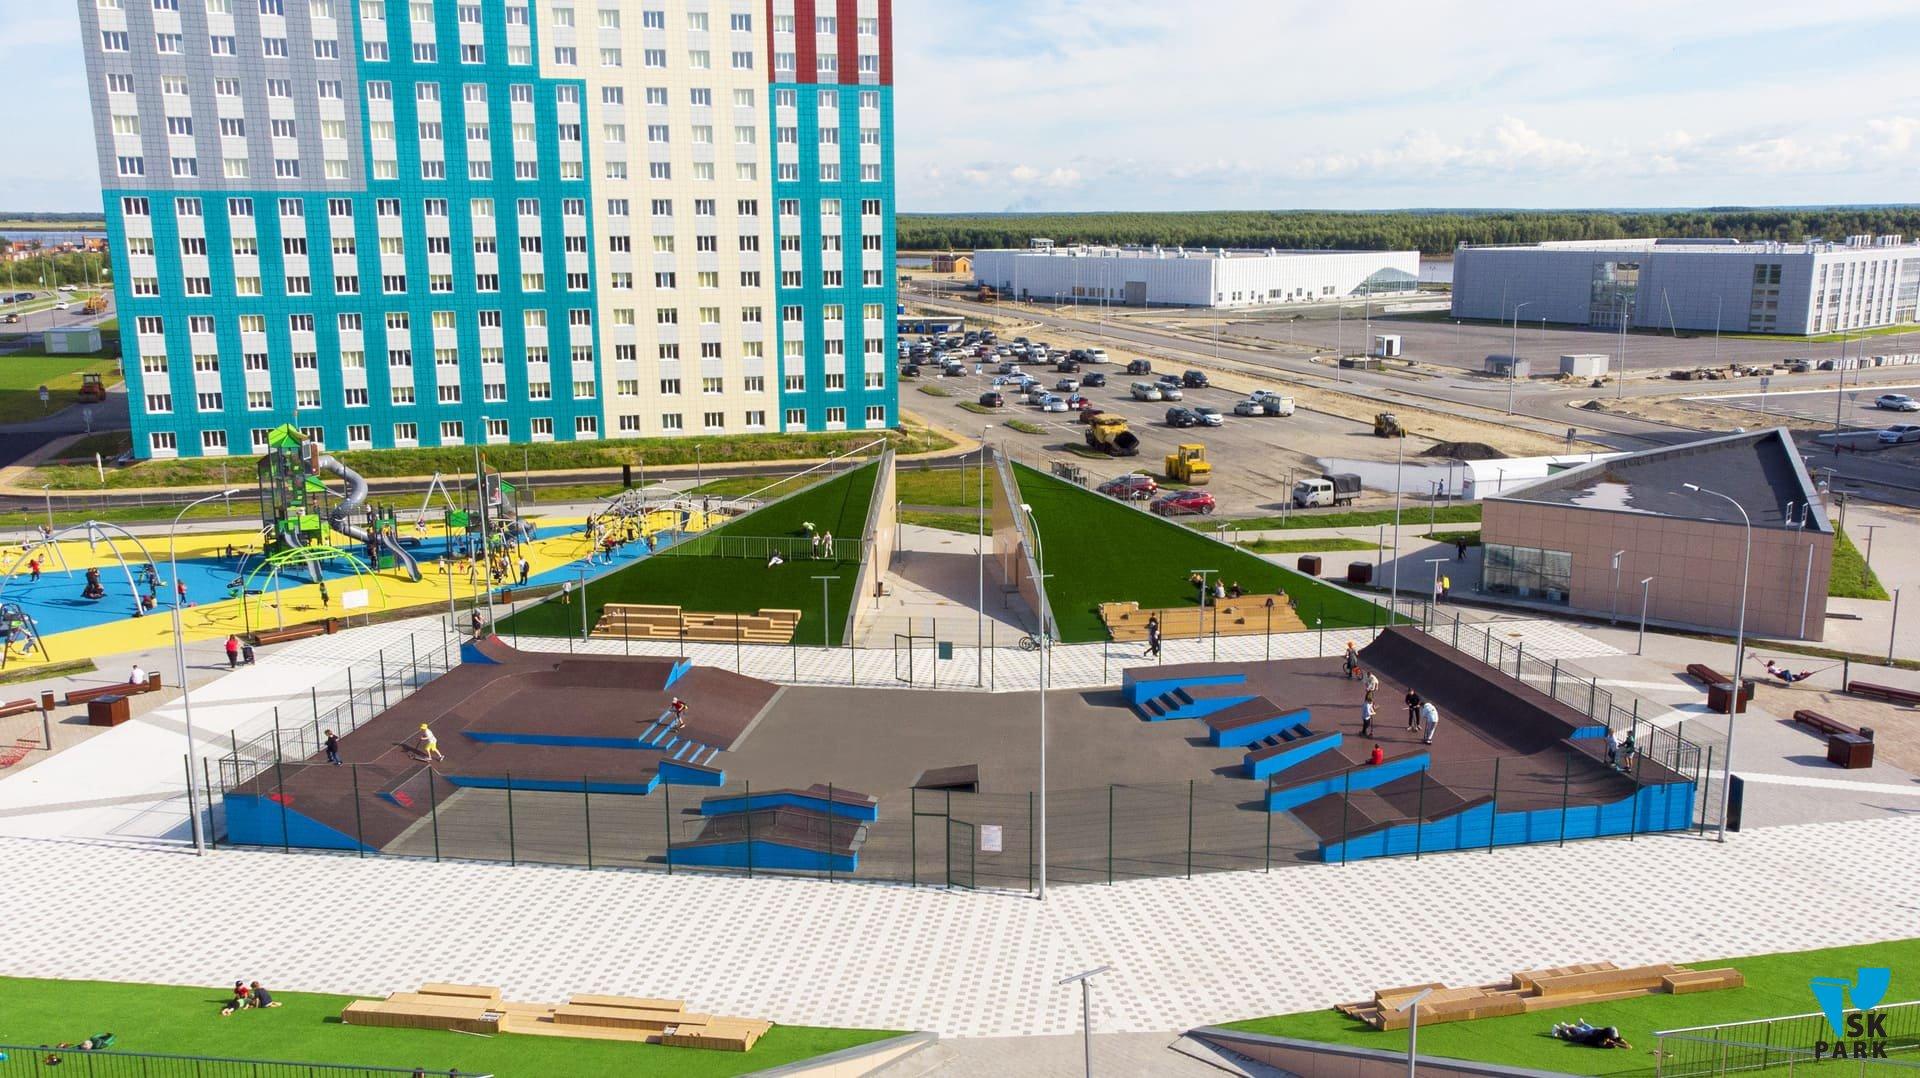 Скейт парк в г. Ханты-Мансийск